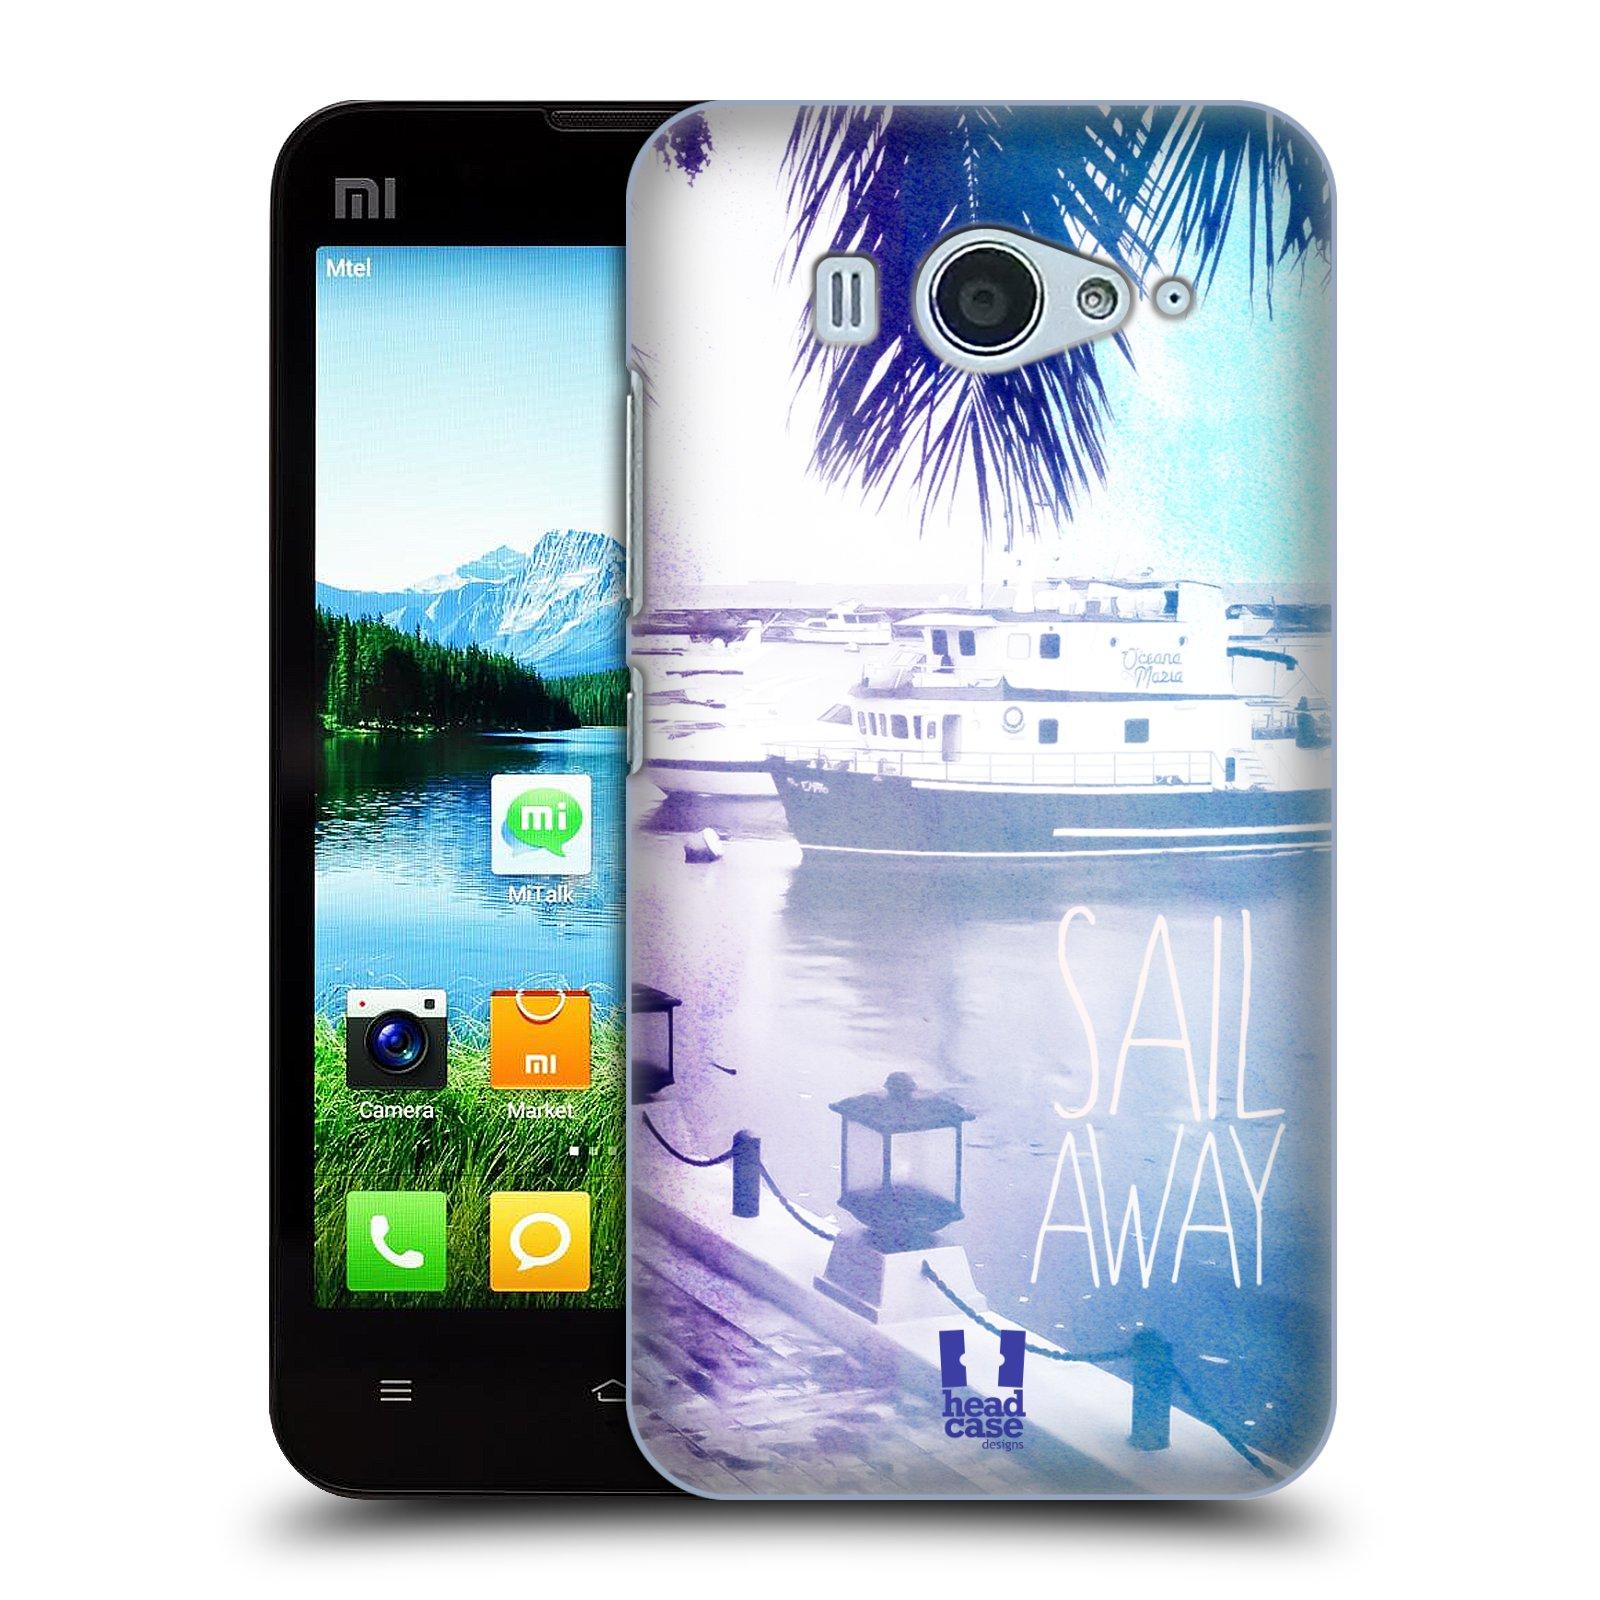 HEAD CASE pevný plastový obal na mobil XIAOMI MI2s vzor Pozitivní vlny MODRÁ, přístav s loděmi SAIL AWAY